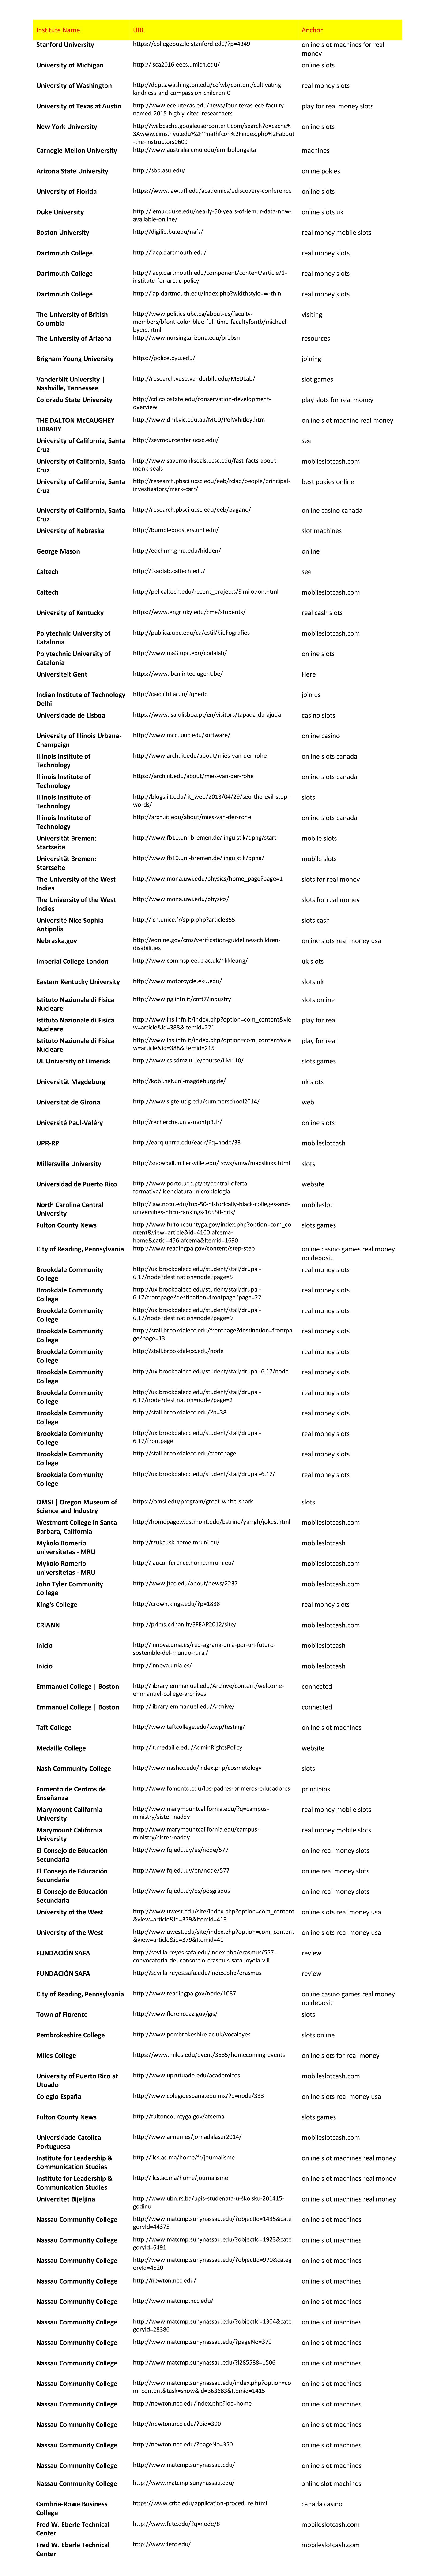 institutes list